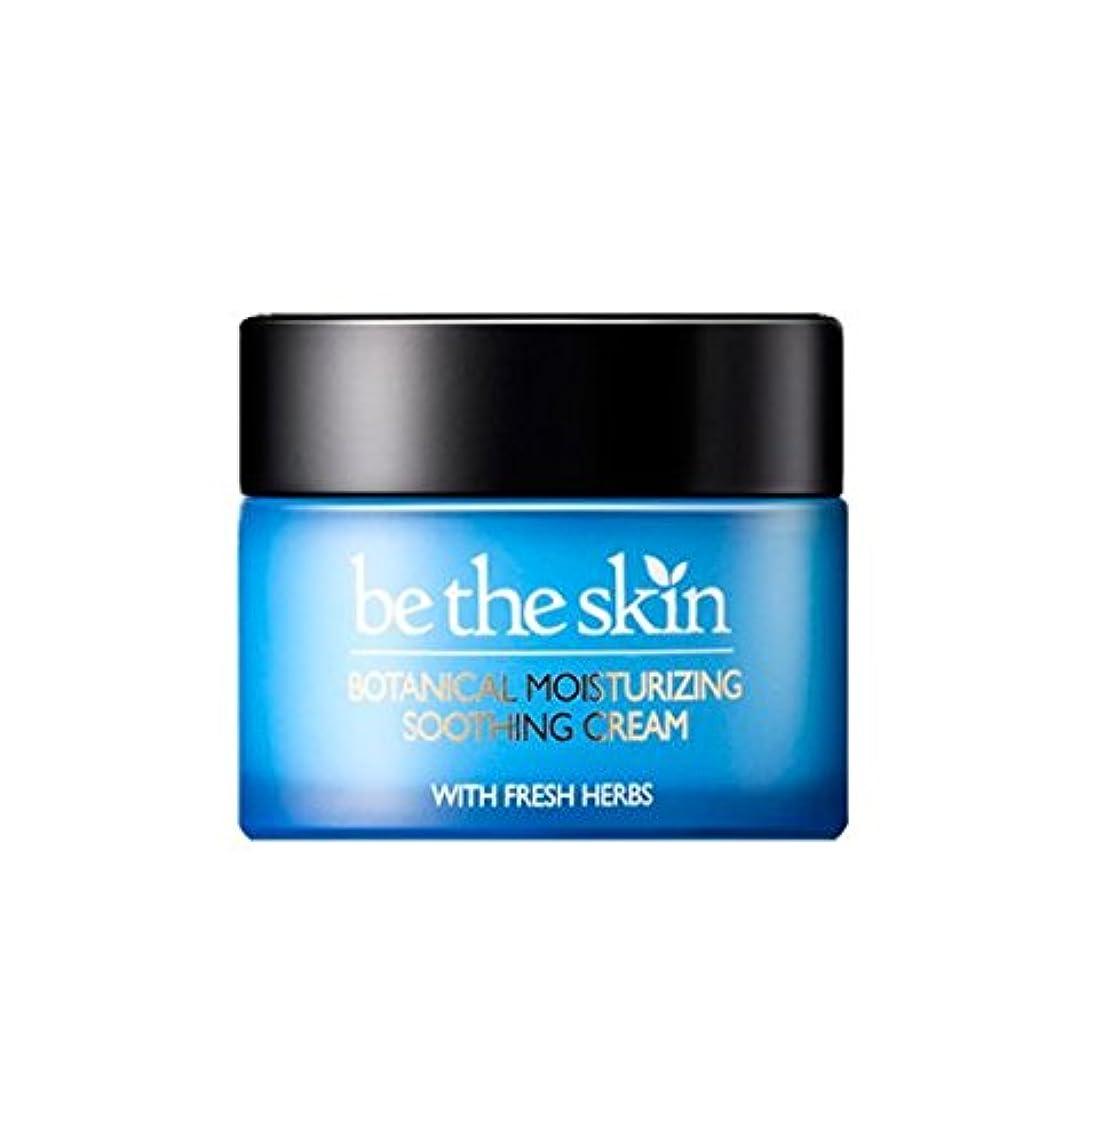 十代群れ二週間Be the Skin ボタニカル モイスチャライジング スージングクリーム / Botanical Moisturizing Soothing Cream (50ml) [並行輸入品]